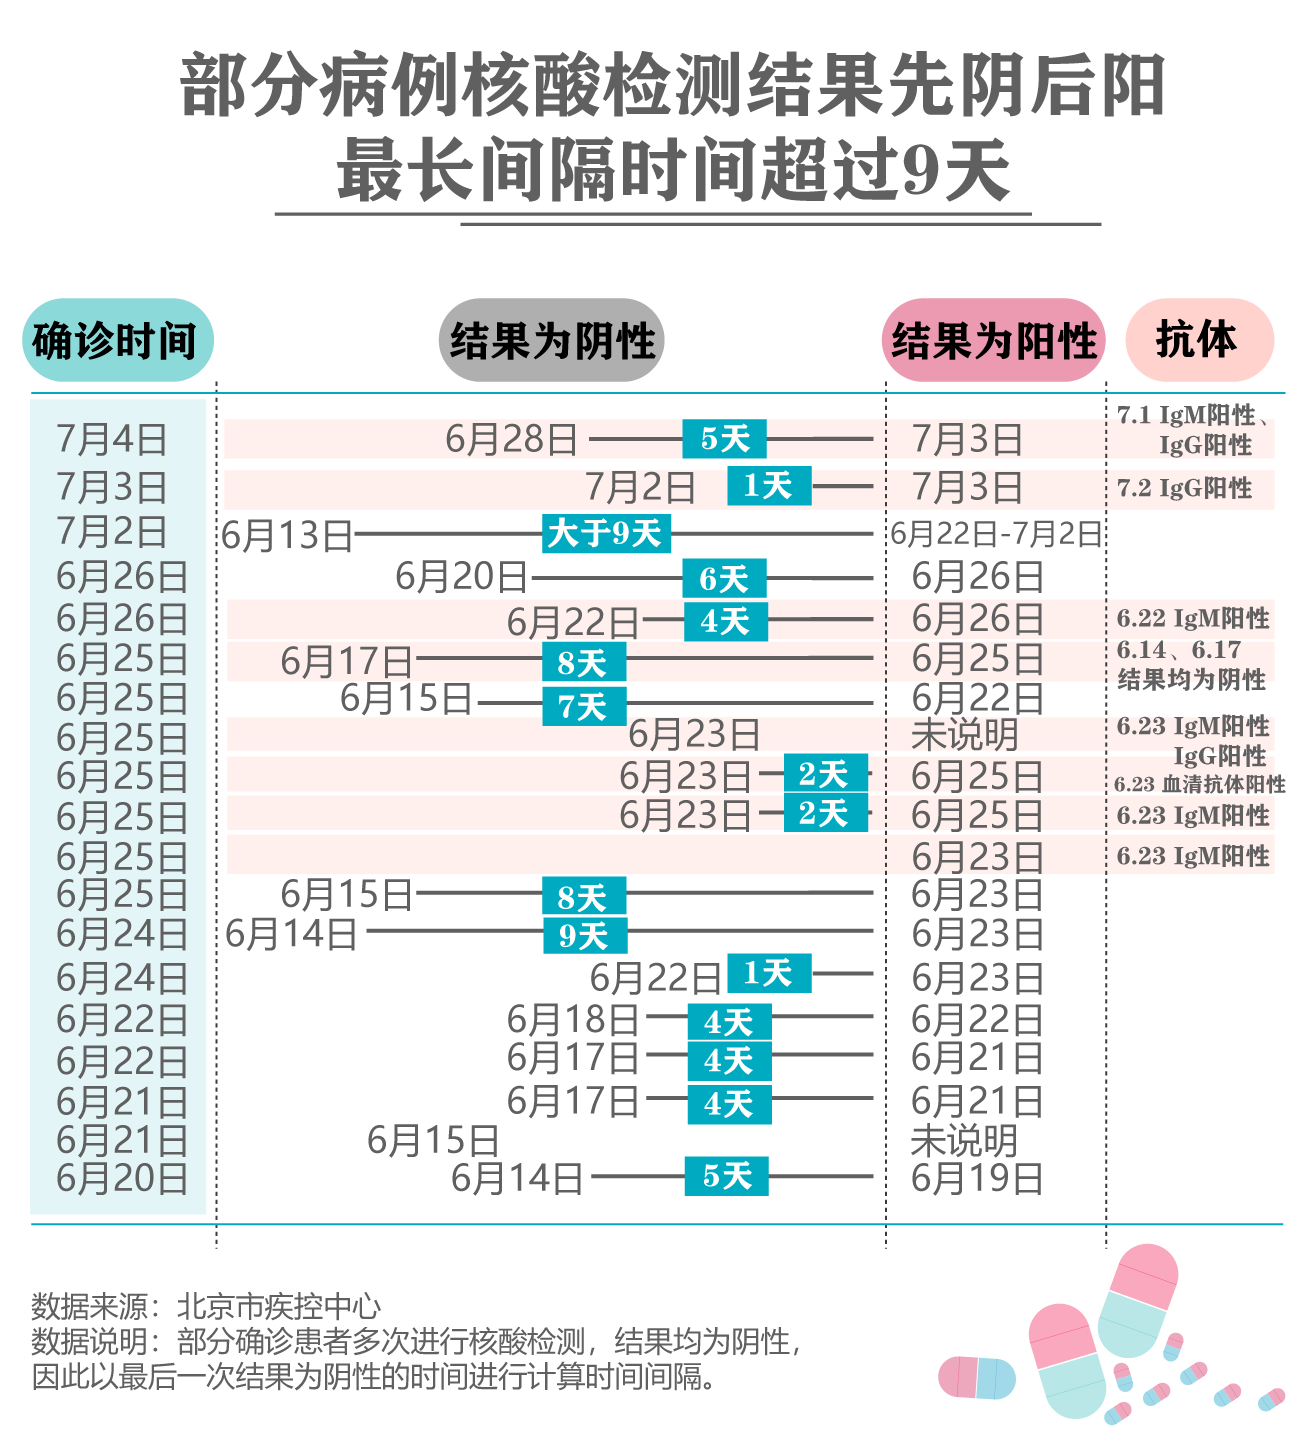 """北京335例确诊病例""""病历表"""":多发热、咽部不适图片"""